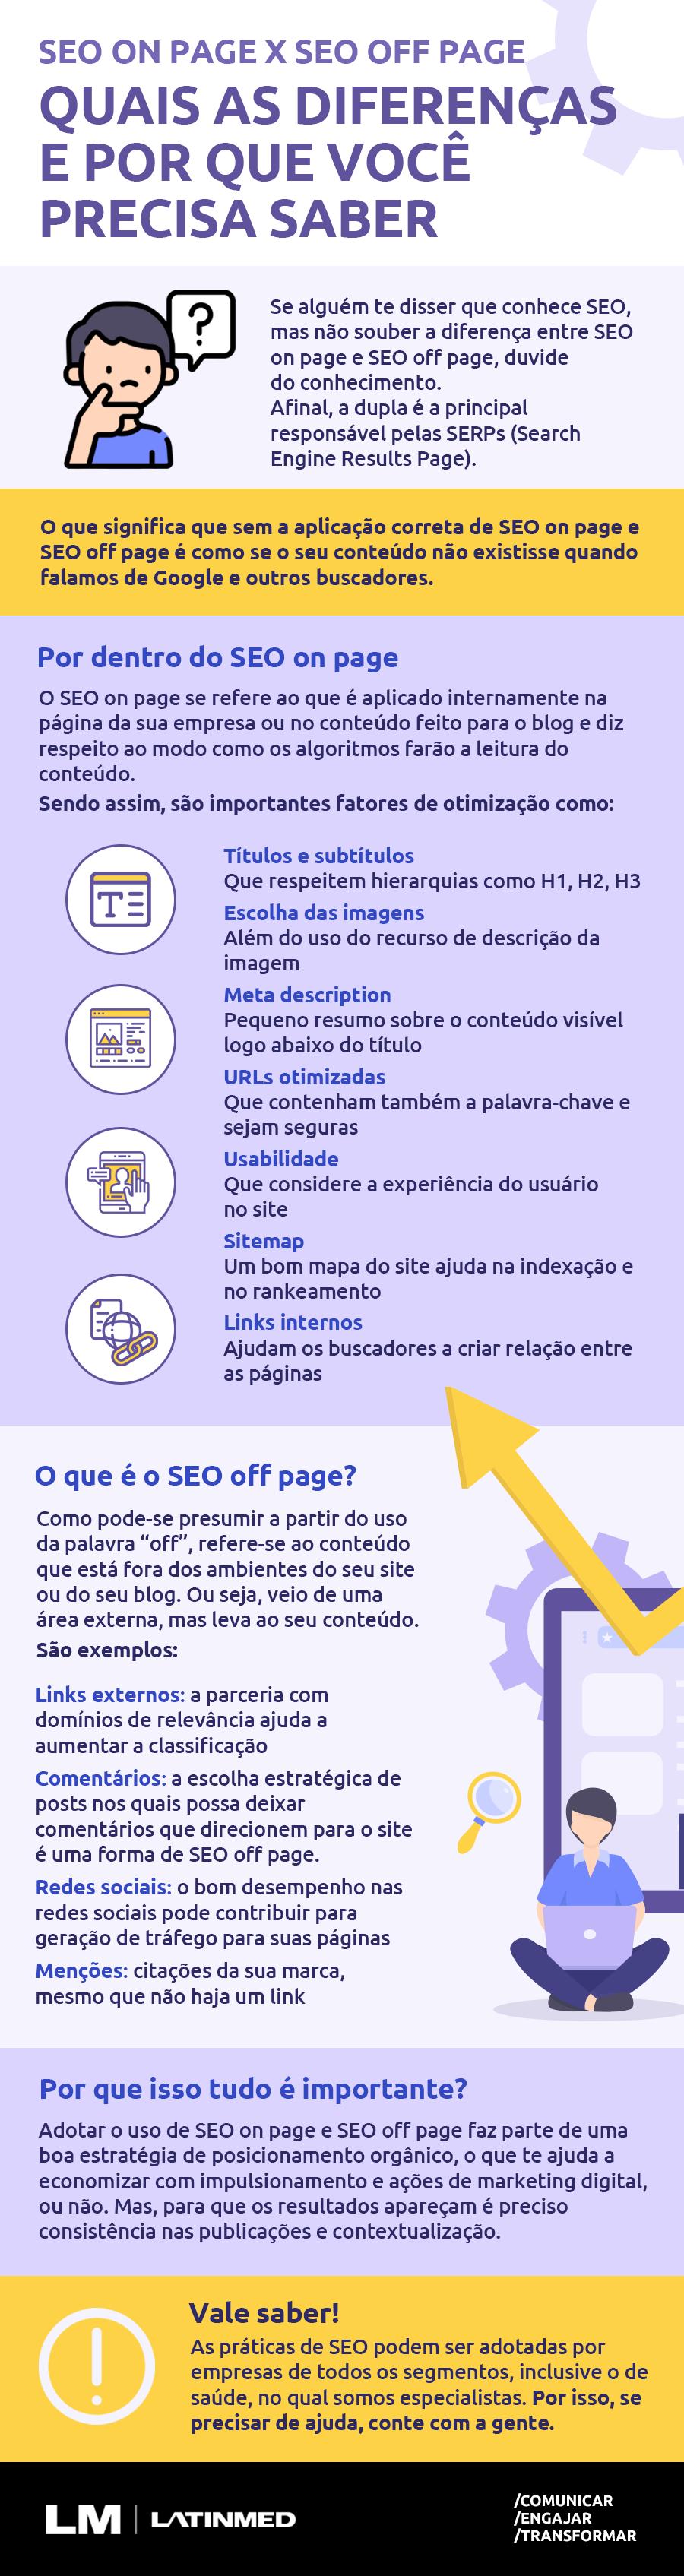 Infografico - Seo on page x seo off page | quais as diferenças e por que você precisa saber